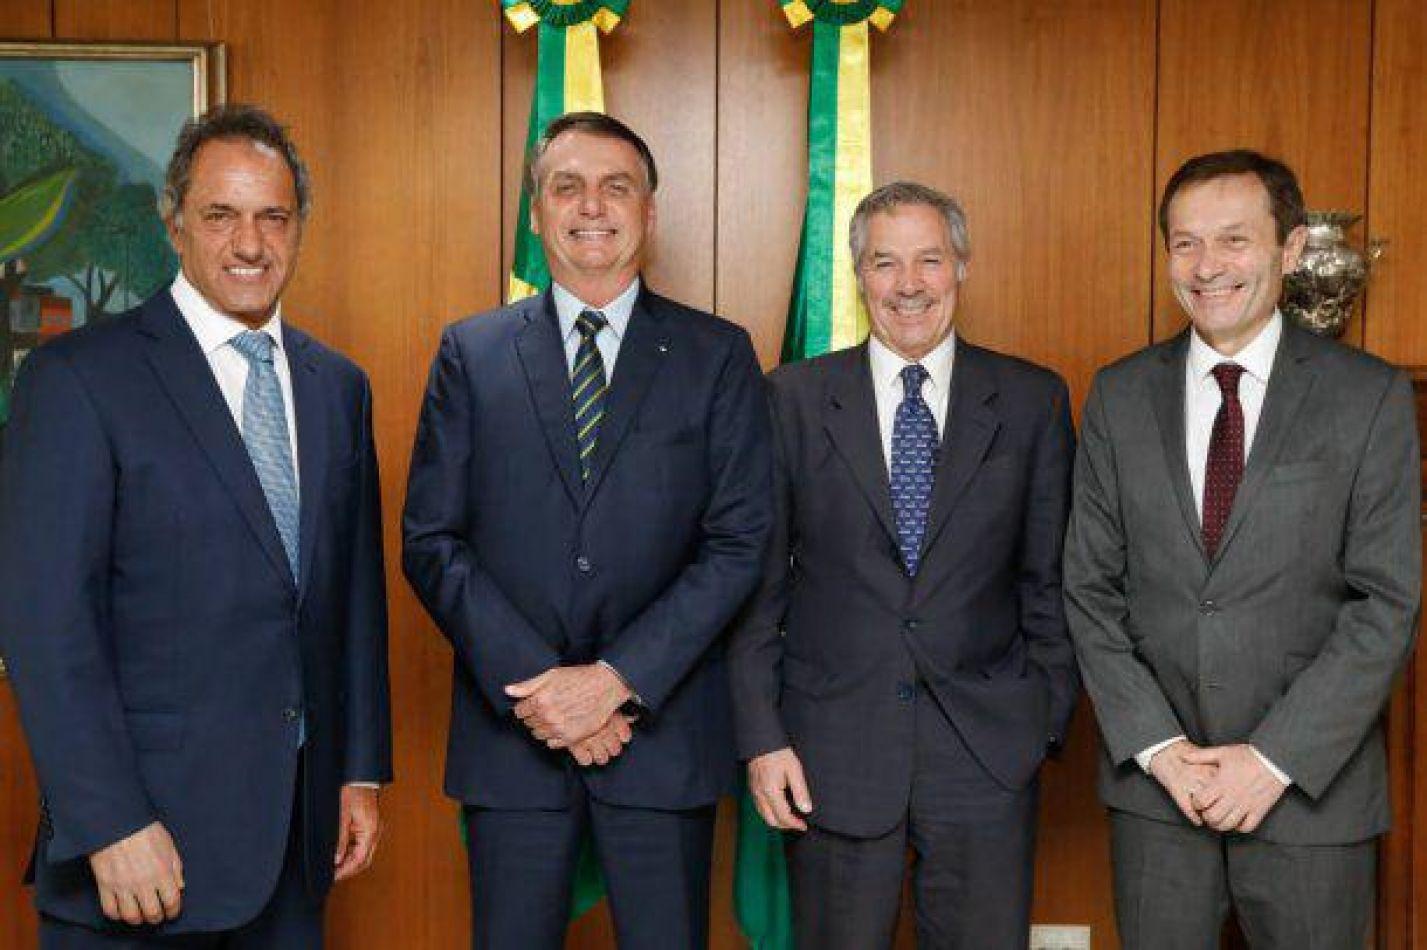 DESIGNARON A DANIEL SCIOLI COMO NUEVO EMBAJADOR DE BRASIL